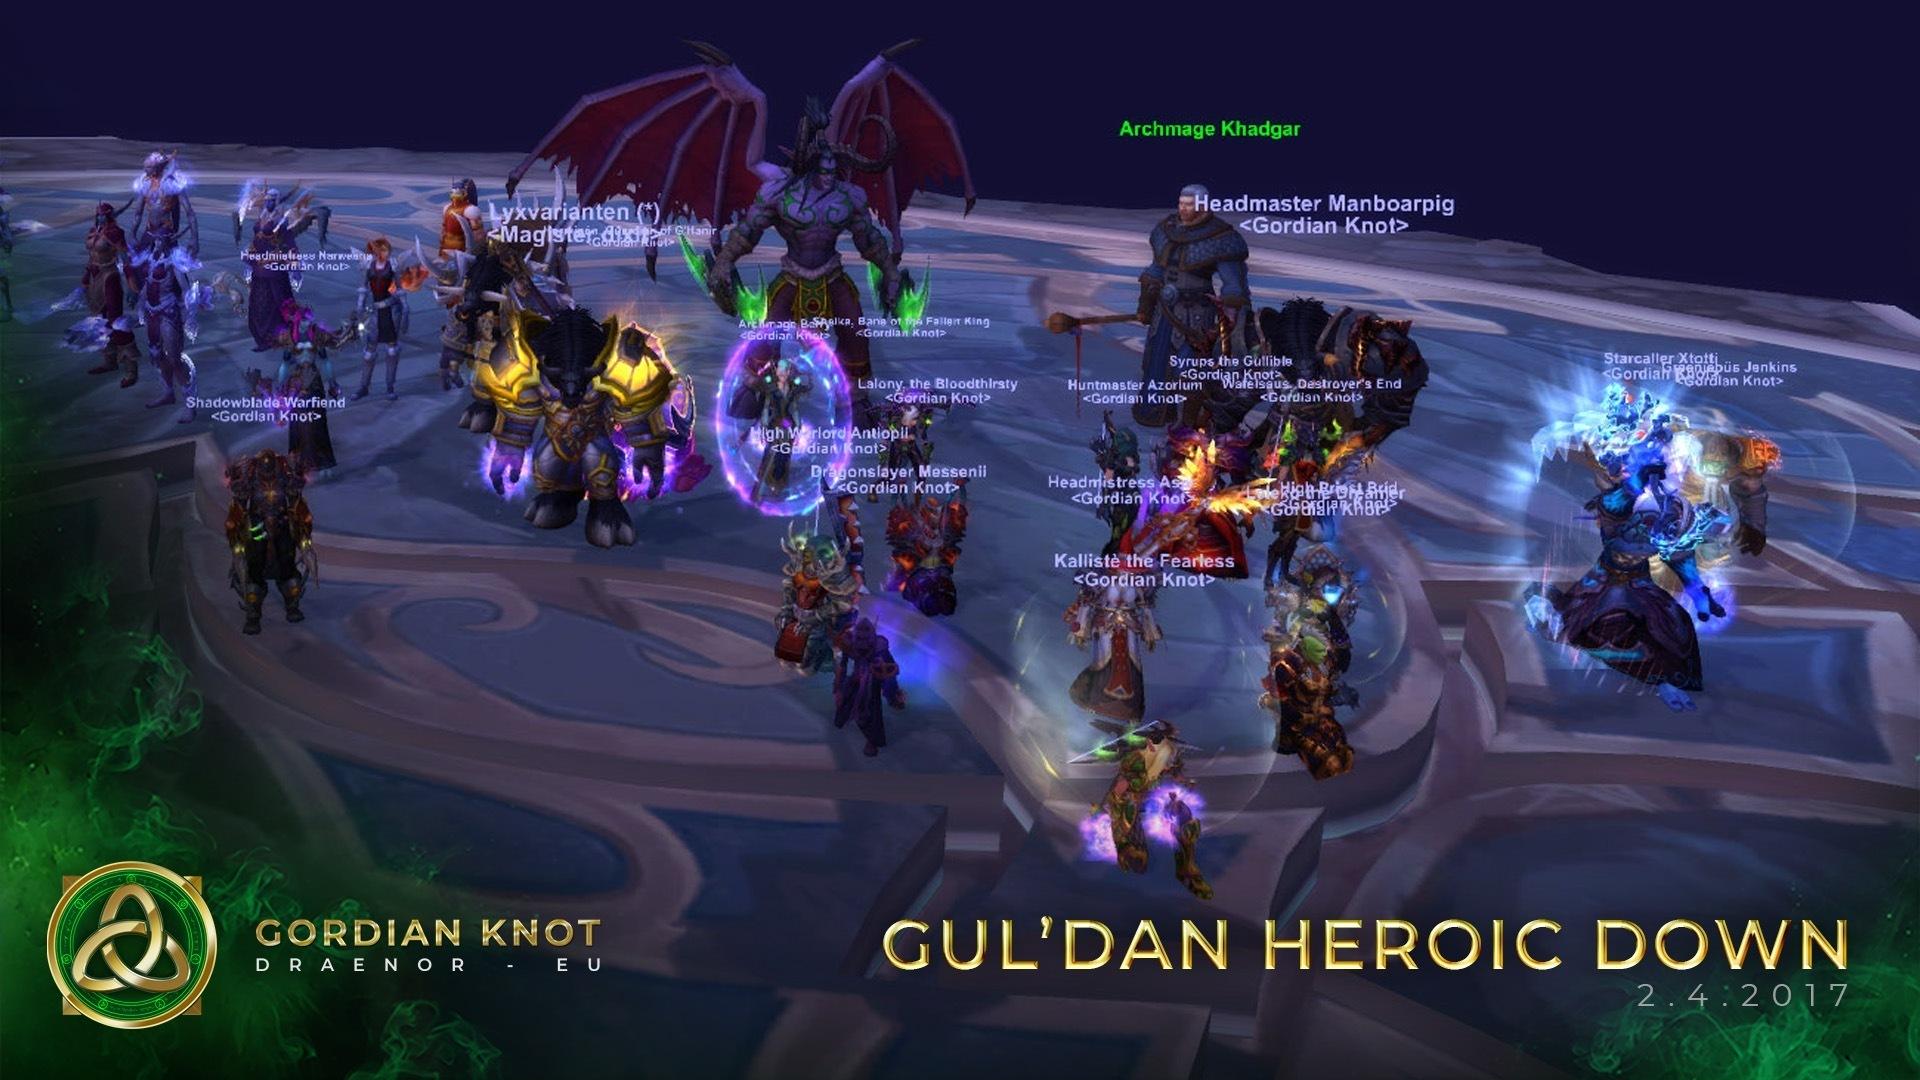 Guldan Heroic